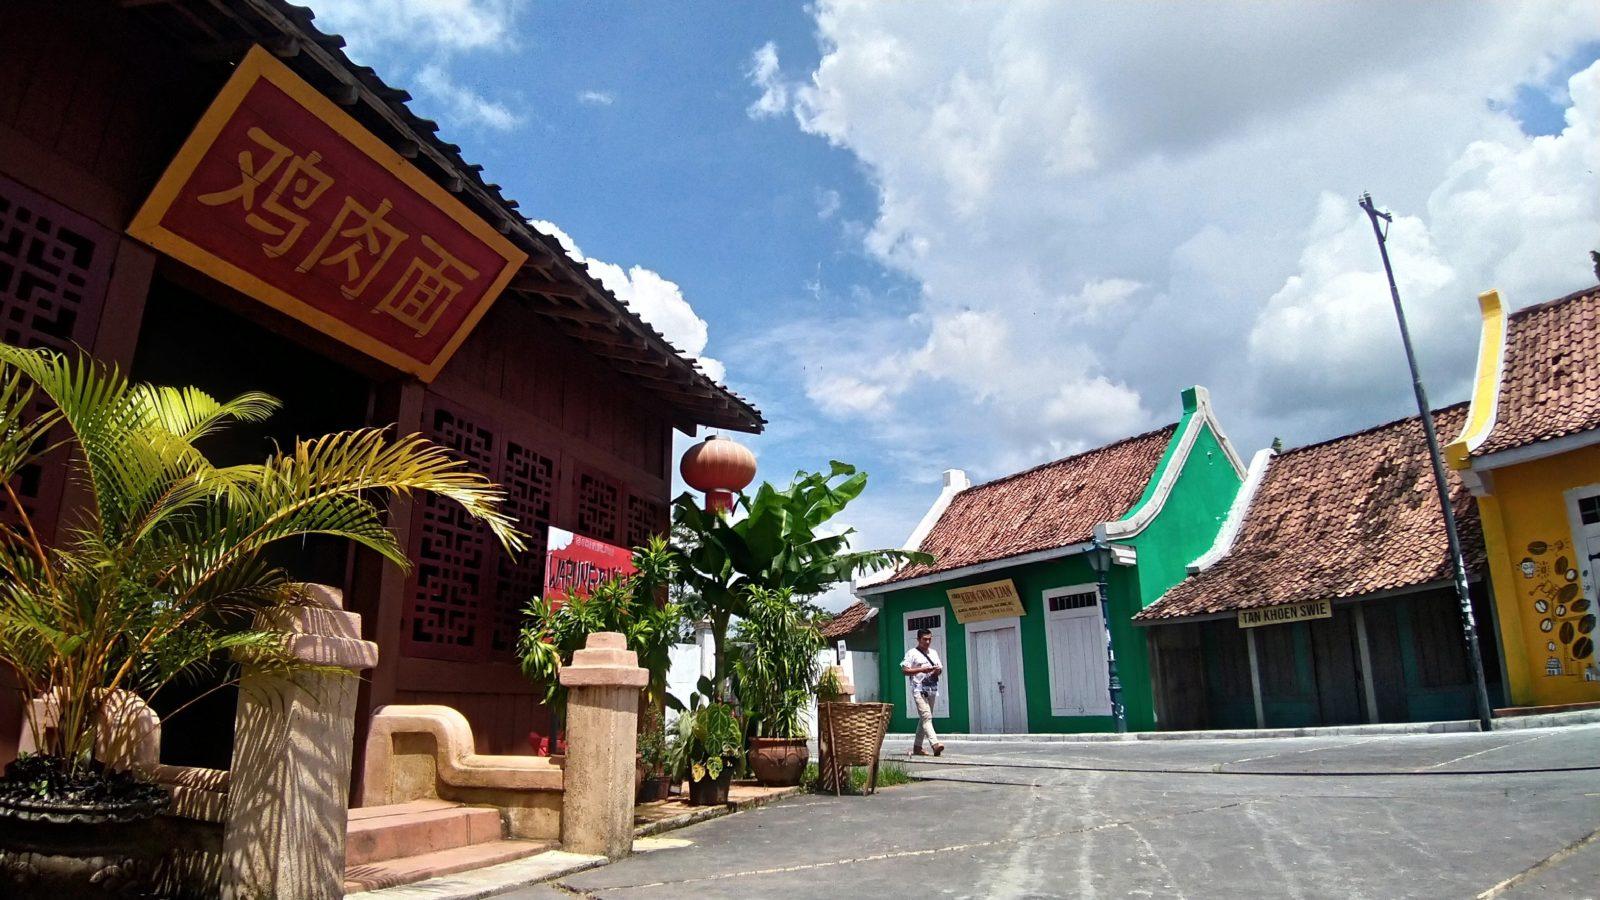 Studio Alam Glampong Tiket 6 Fakta Menarik April 2021 Travelspromo